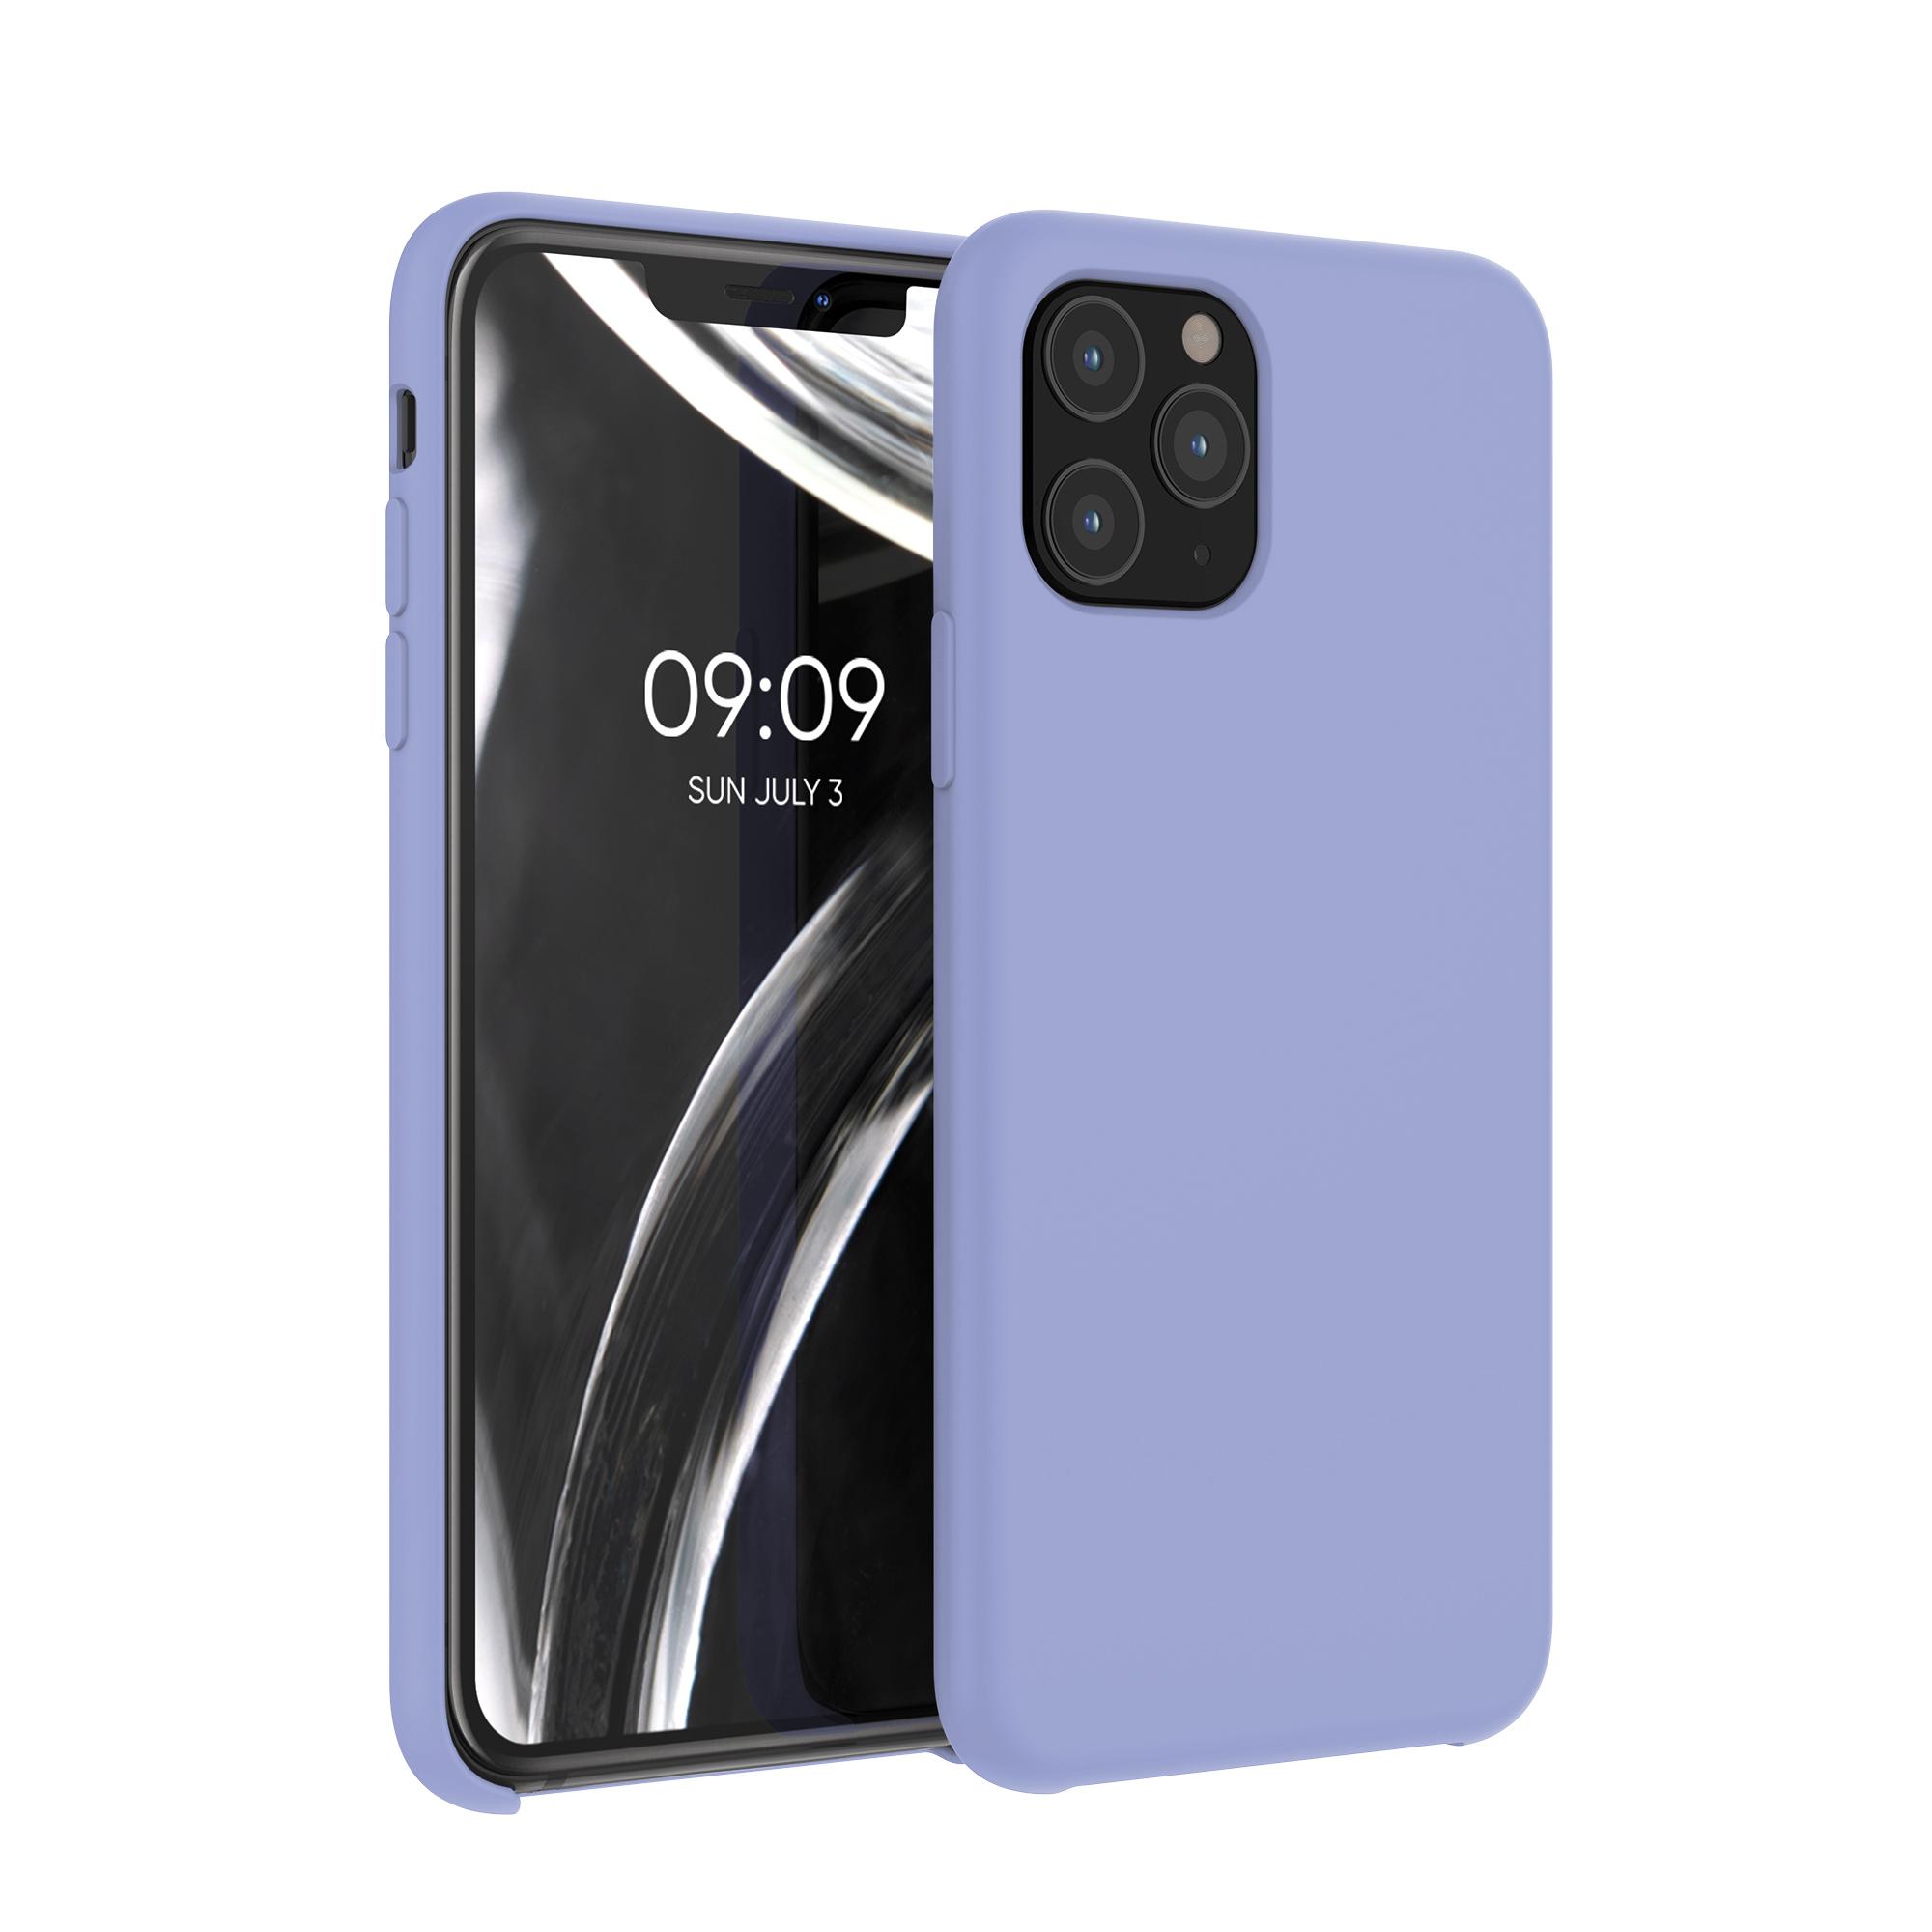 Kvalitní silikonové TPU pouzdro pro Apple iPhone 11 Pro - Lavender Gray